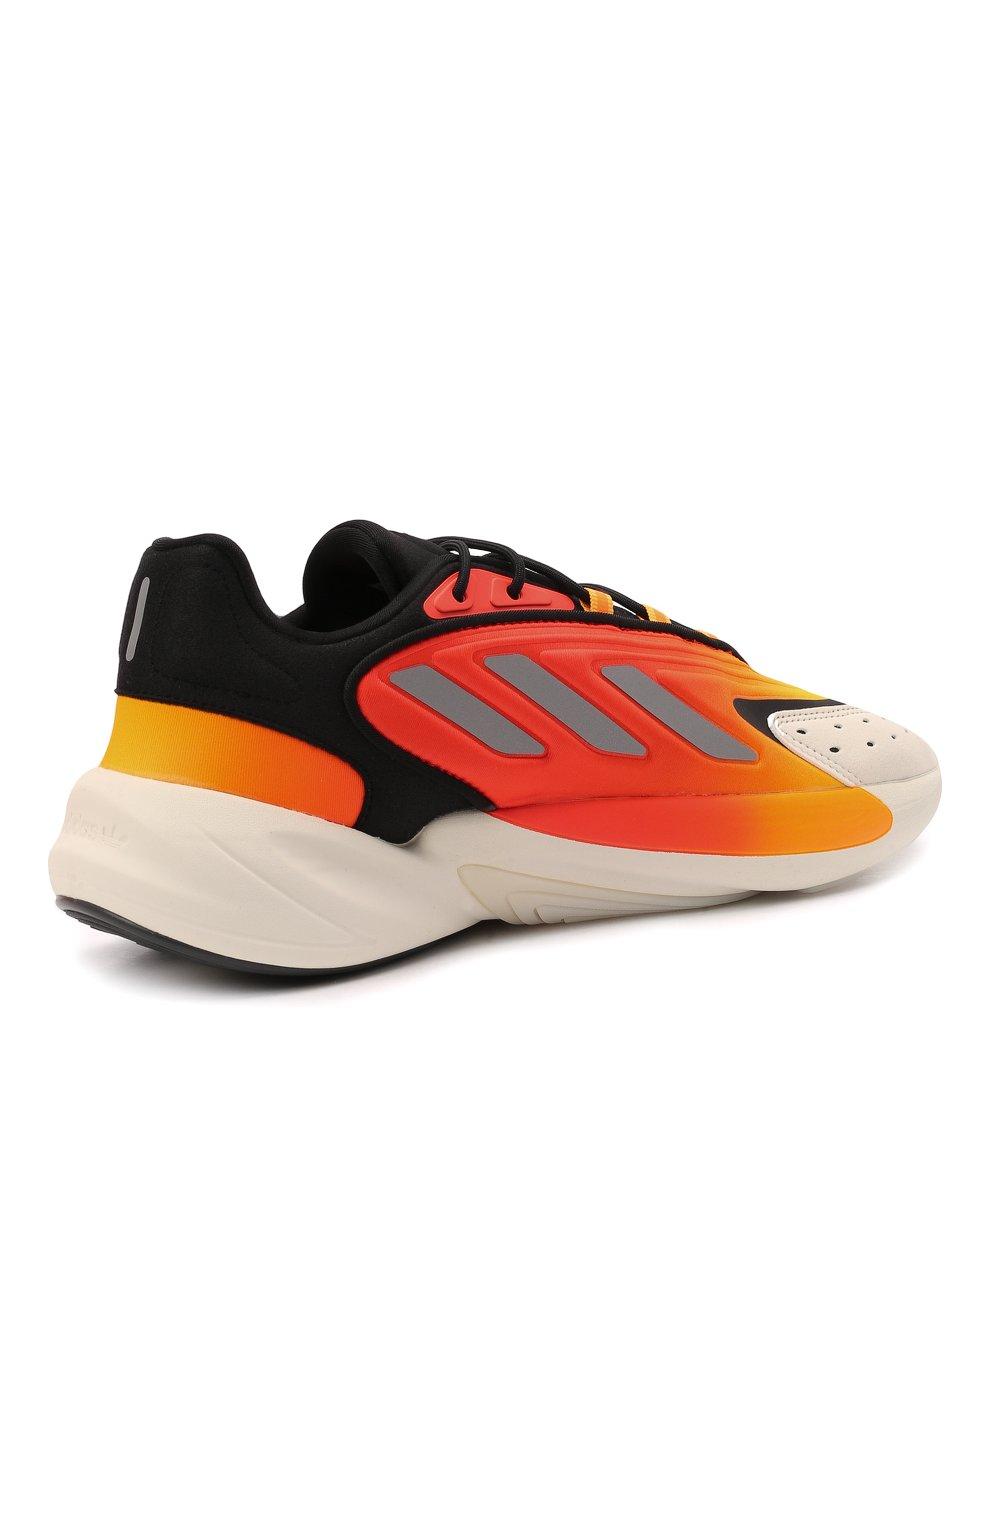 Мужские кроссовки ozelia ADIDAS ORIGINALS оранжевого цвета, арт. G54894 | Фото 4 (Материал внешний: Текстиль; Подошва: Массивная; Стили: Спорт)